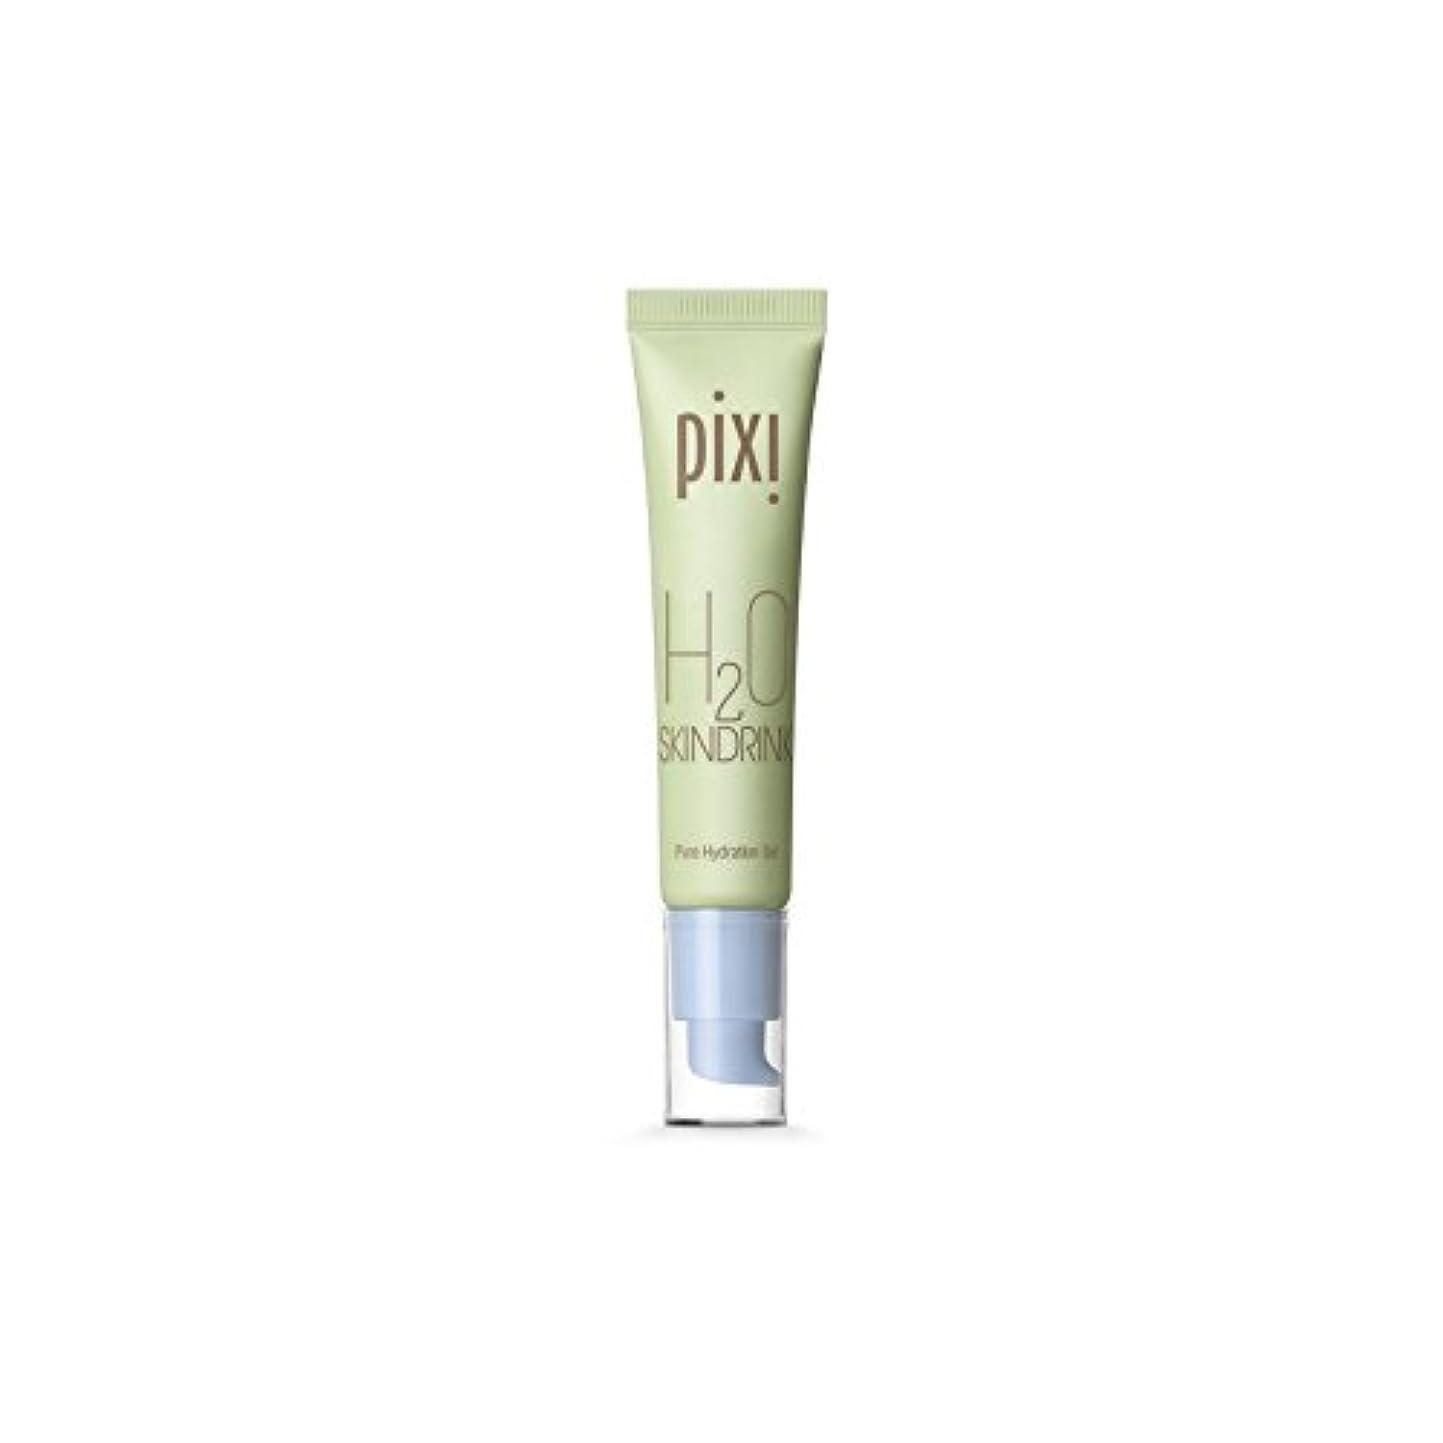 データベース小人待ってPixi H20 Skin Drink (Pack of 6) - 20スキンドリンク x6 [並行輸入品]